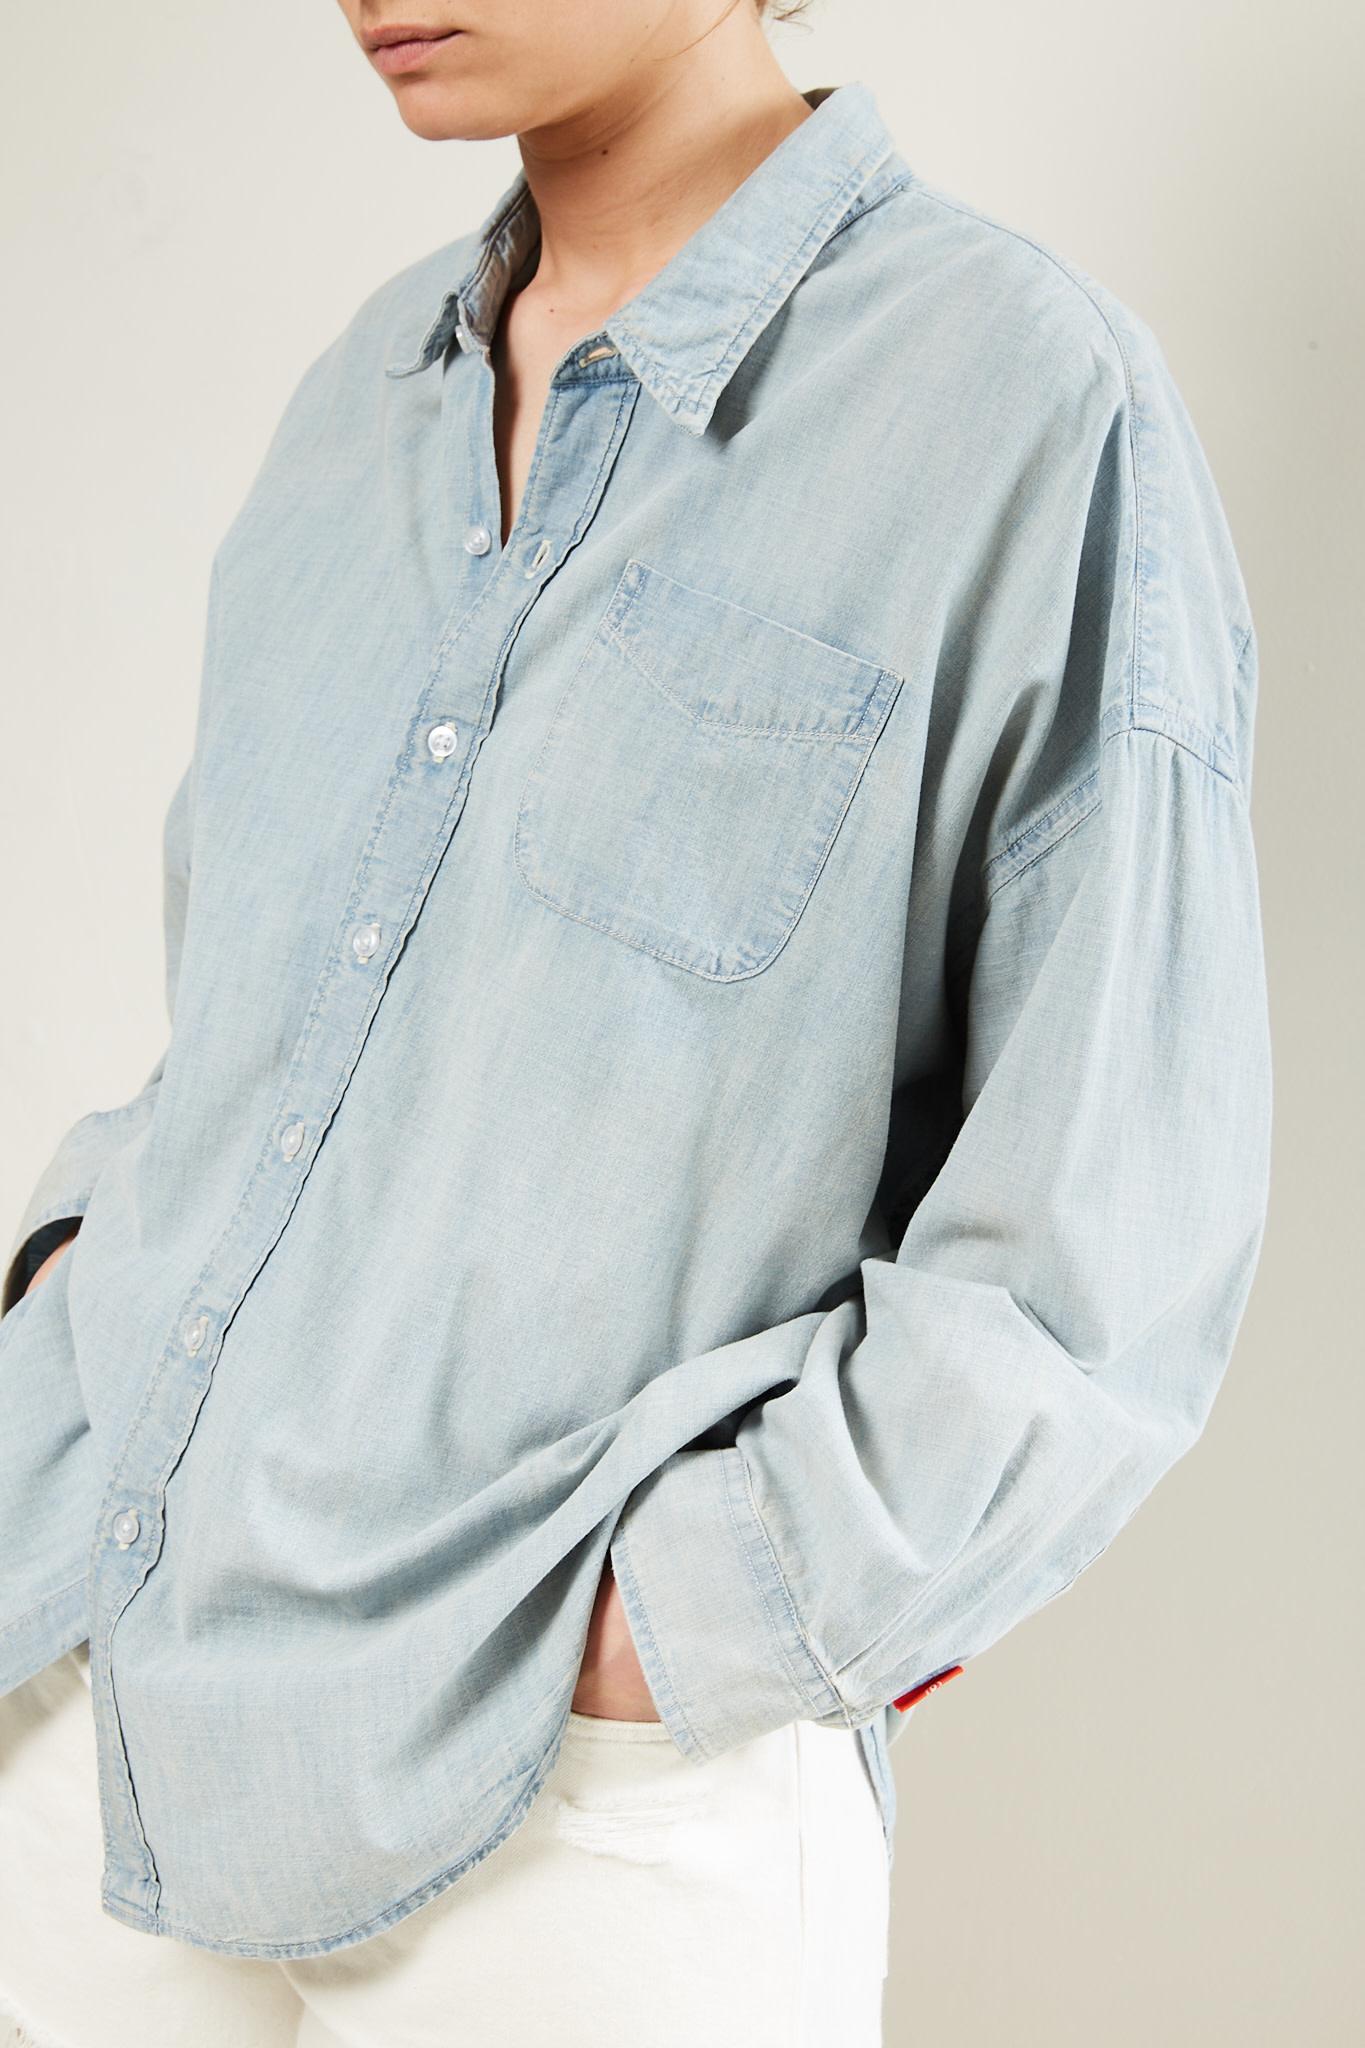 Denimist - Button front shirt